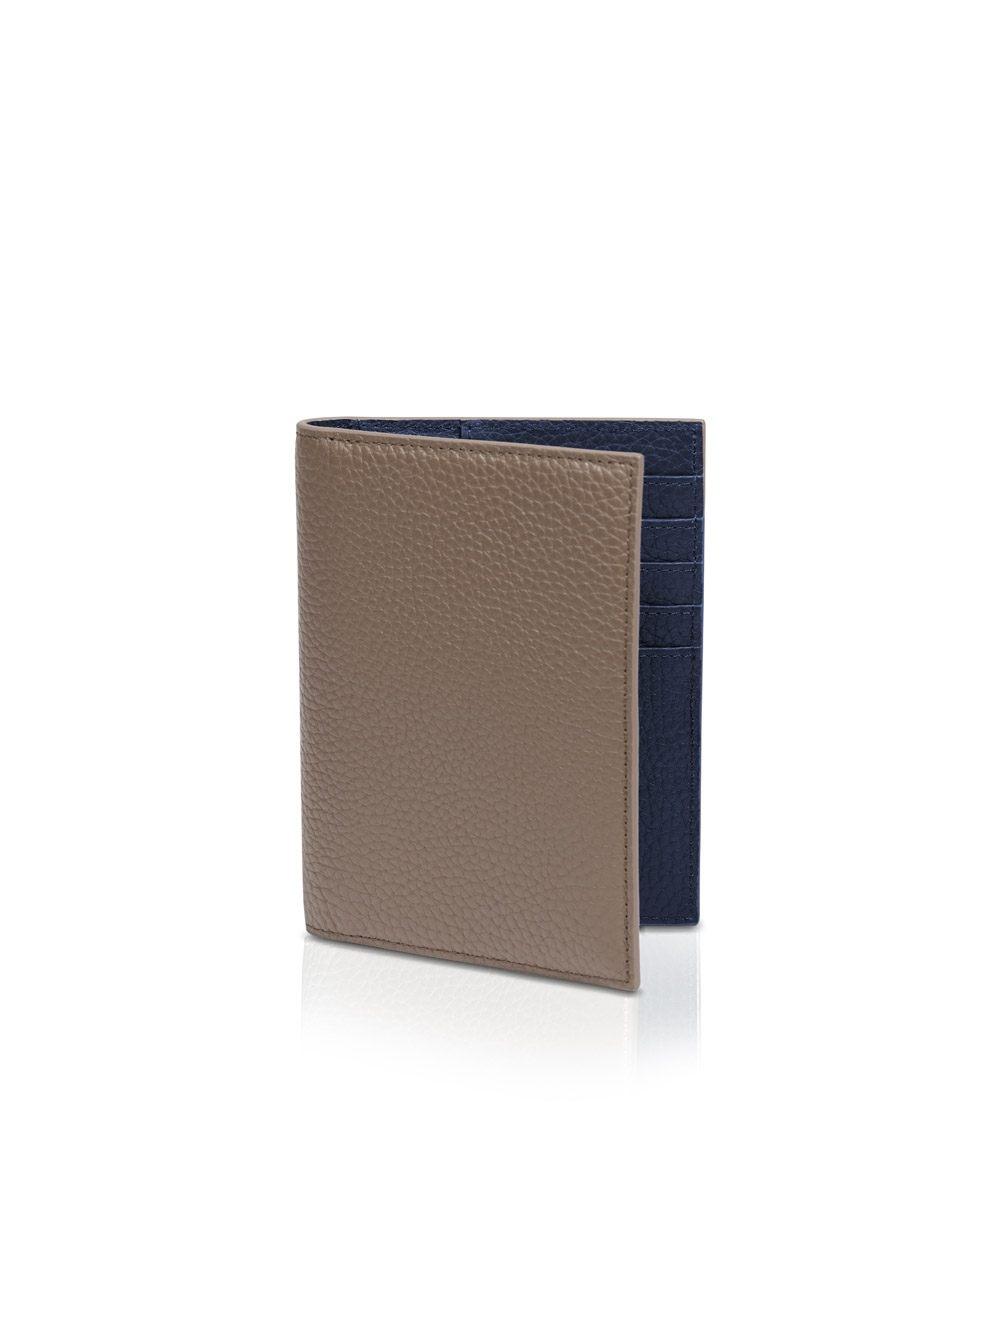 Passport Holder Gunther - Taupe